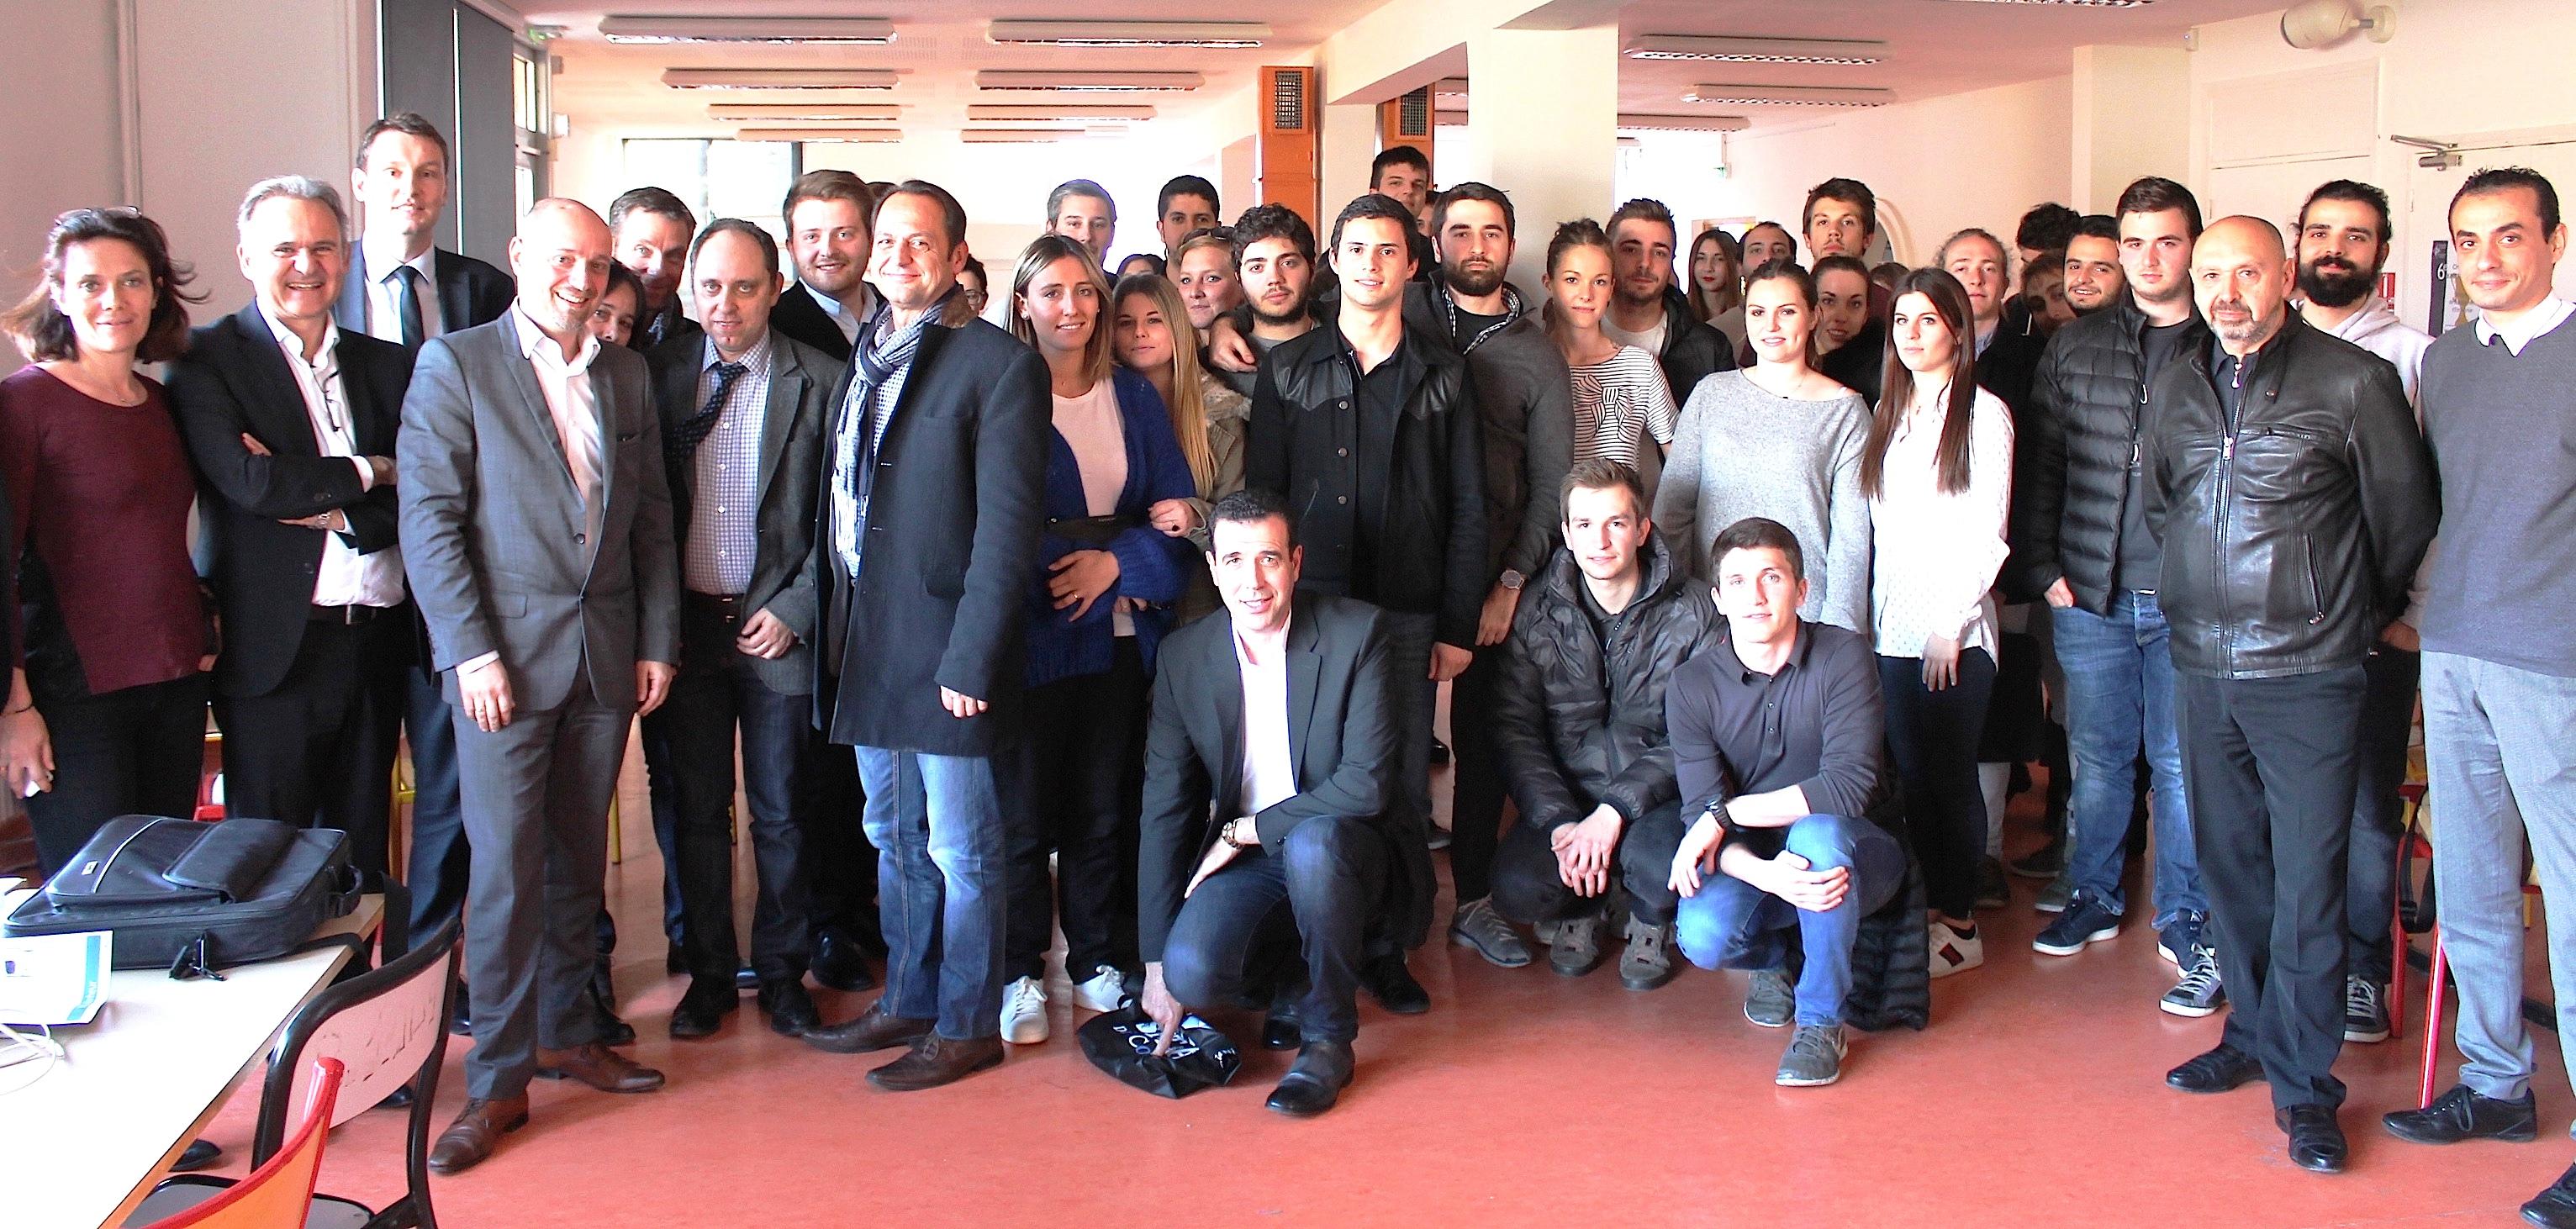 Challenge Xavier Peraldi : Quand les étudiants jouent les chefs d'entreprise a l'IAE de Corse